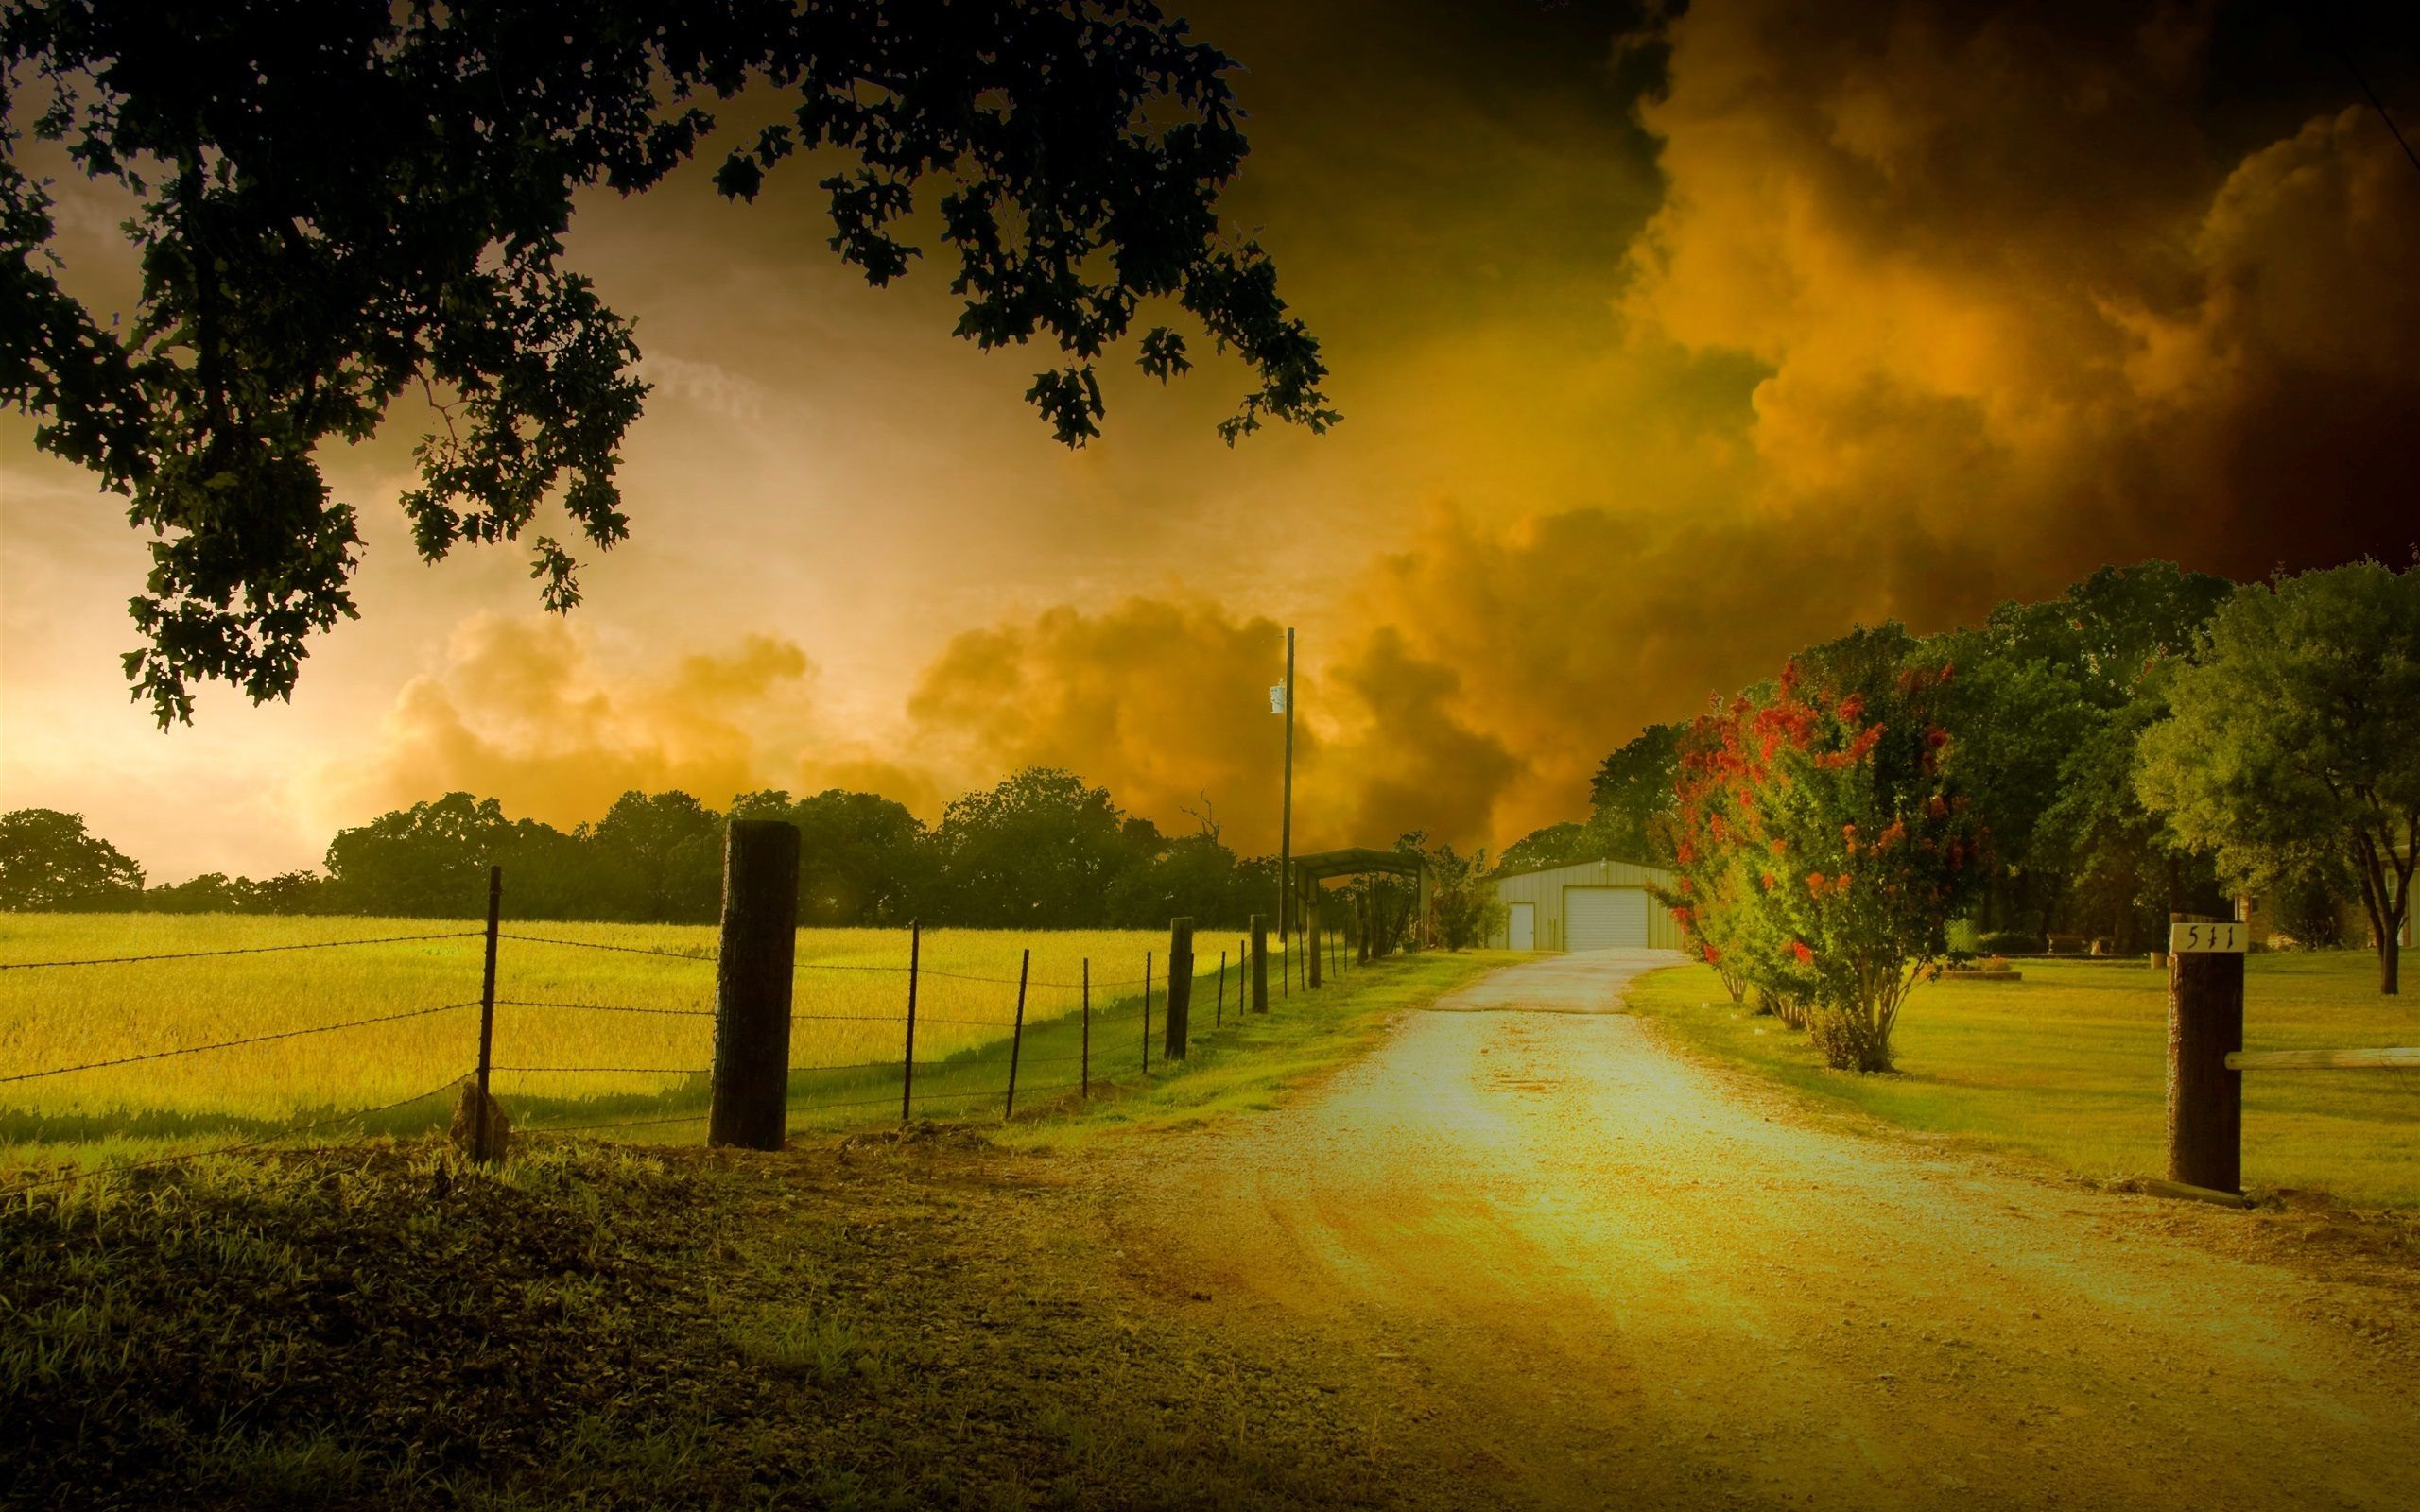 Beautiful Landscape Wallpaper Download Free Landschafts Tapete Schone Landschaften Hintergrund Landschaft